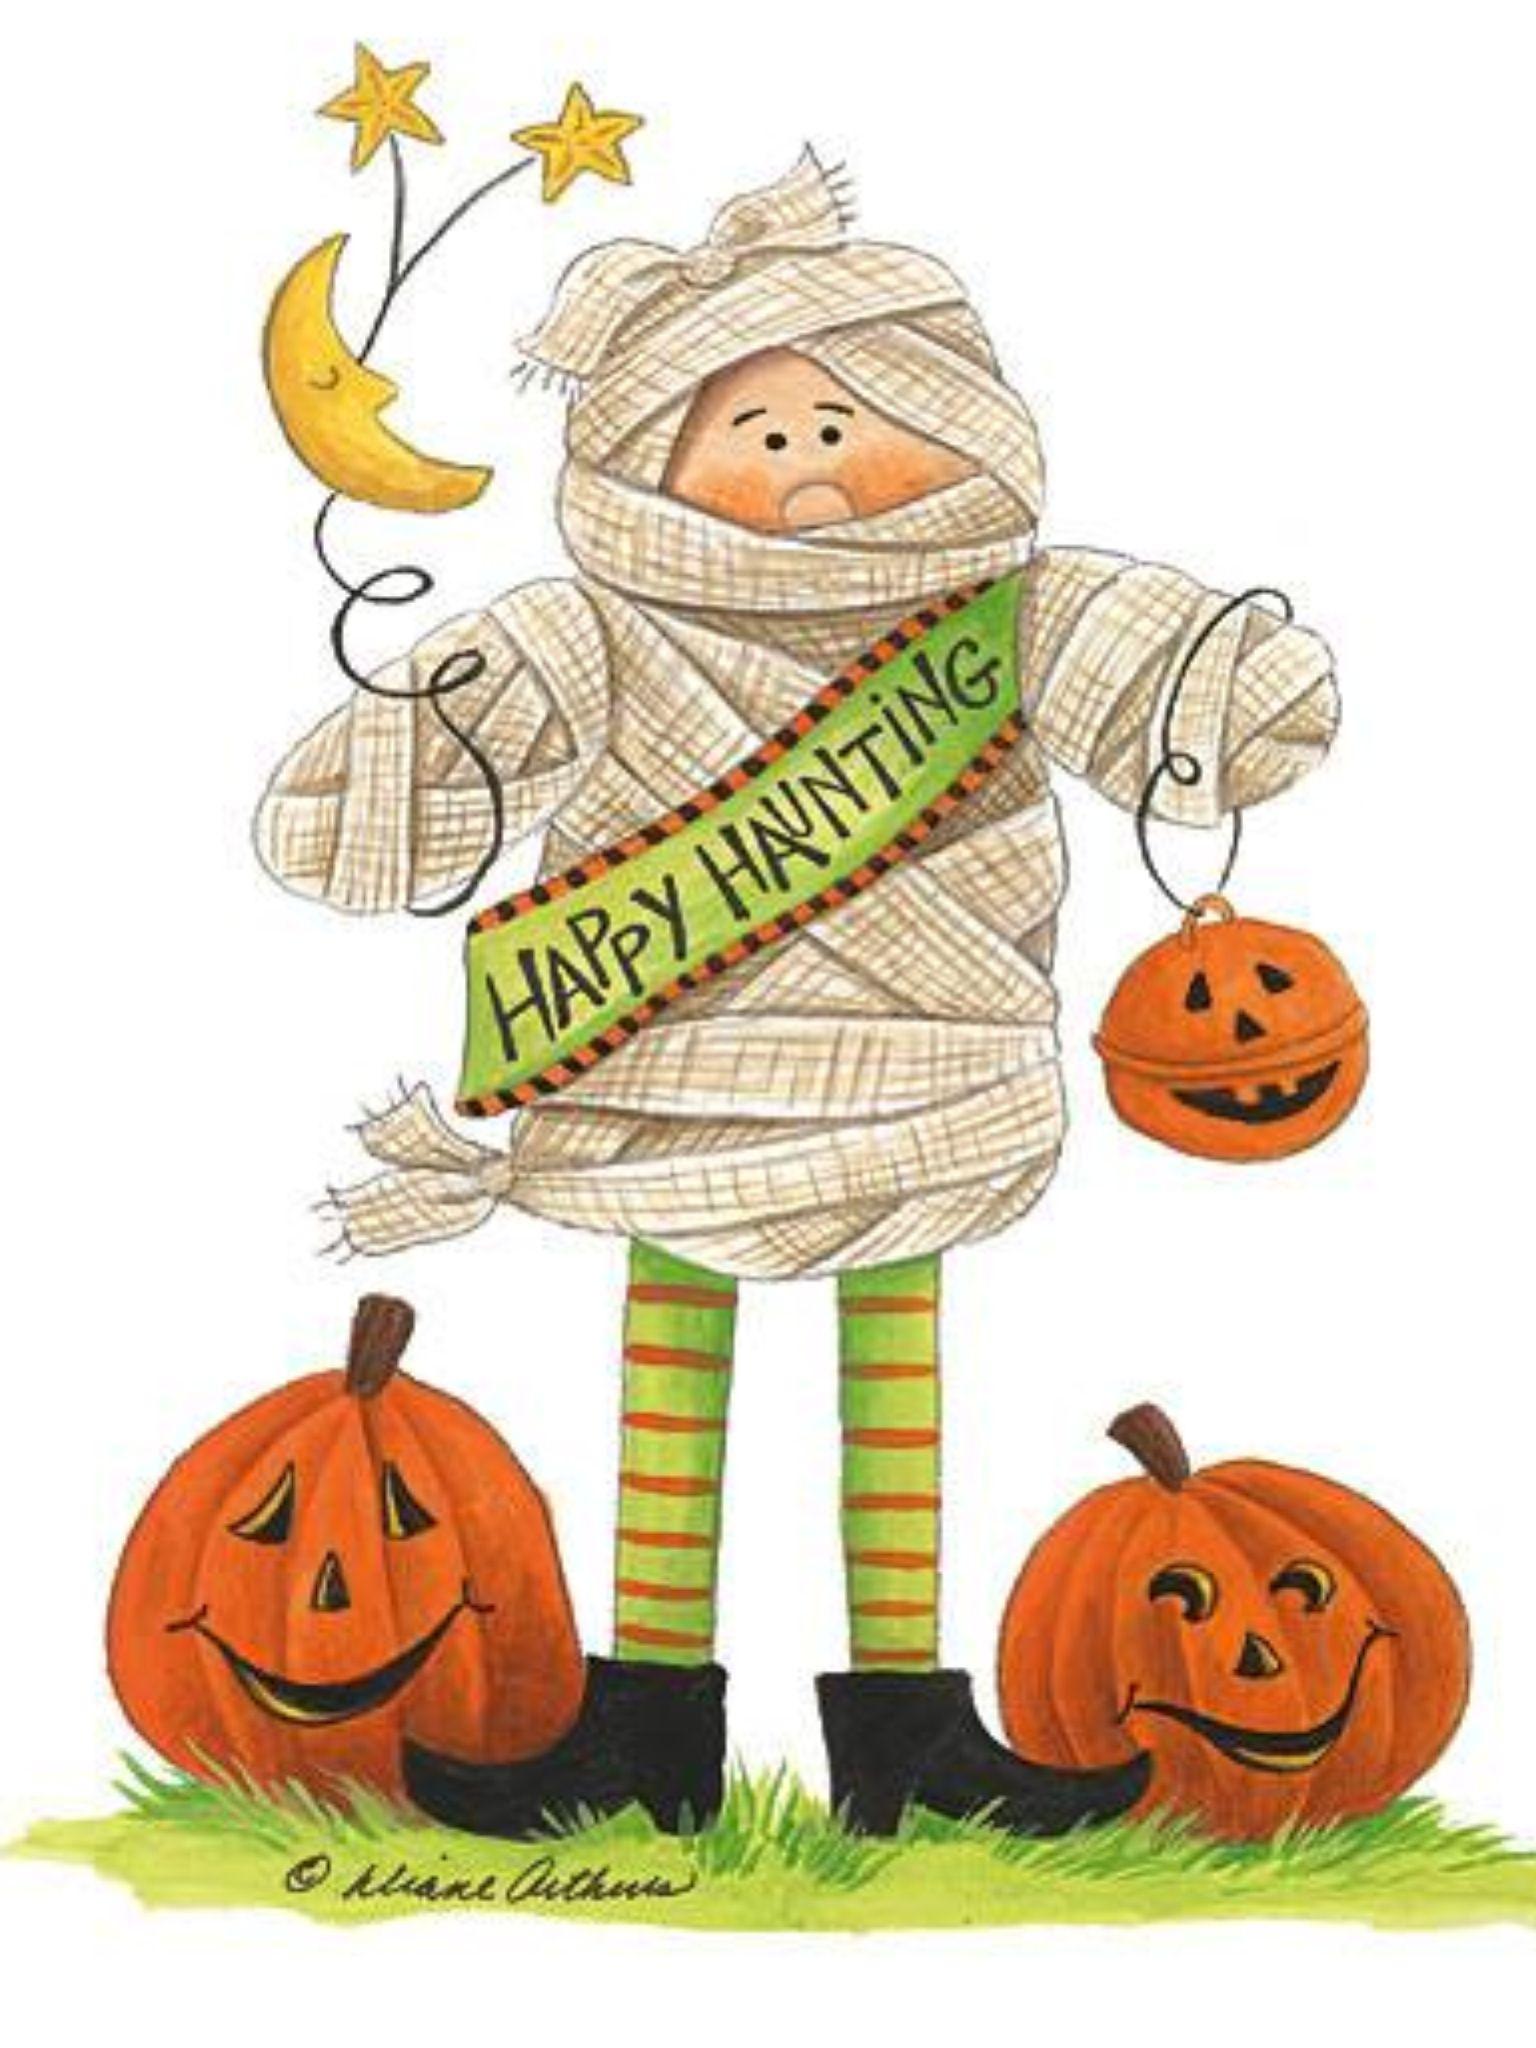 HALLOWEEN HAPPY HAUNTING Halloween prints, Halloween